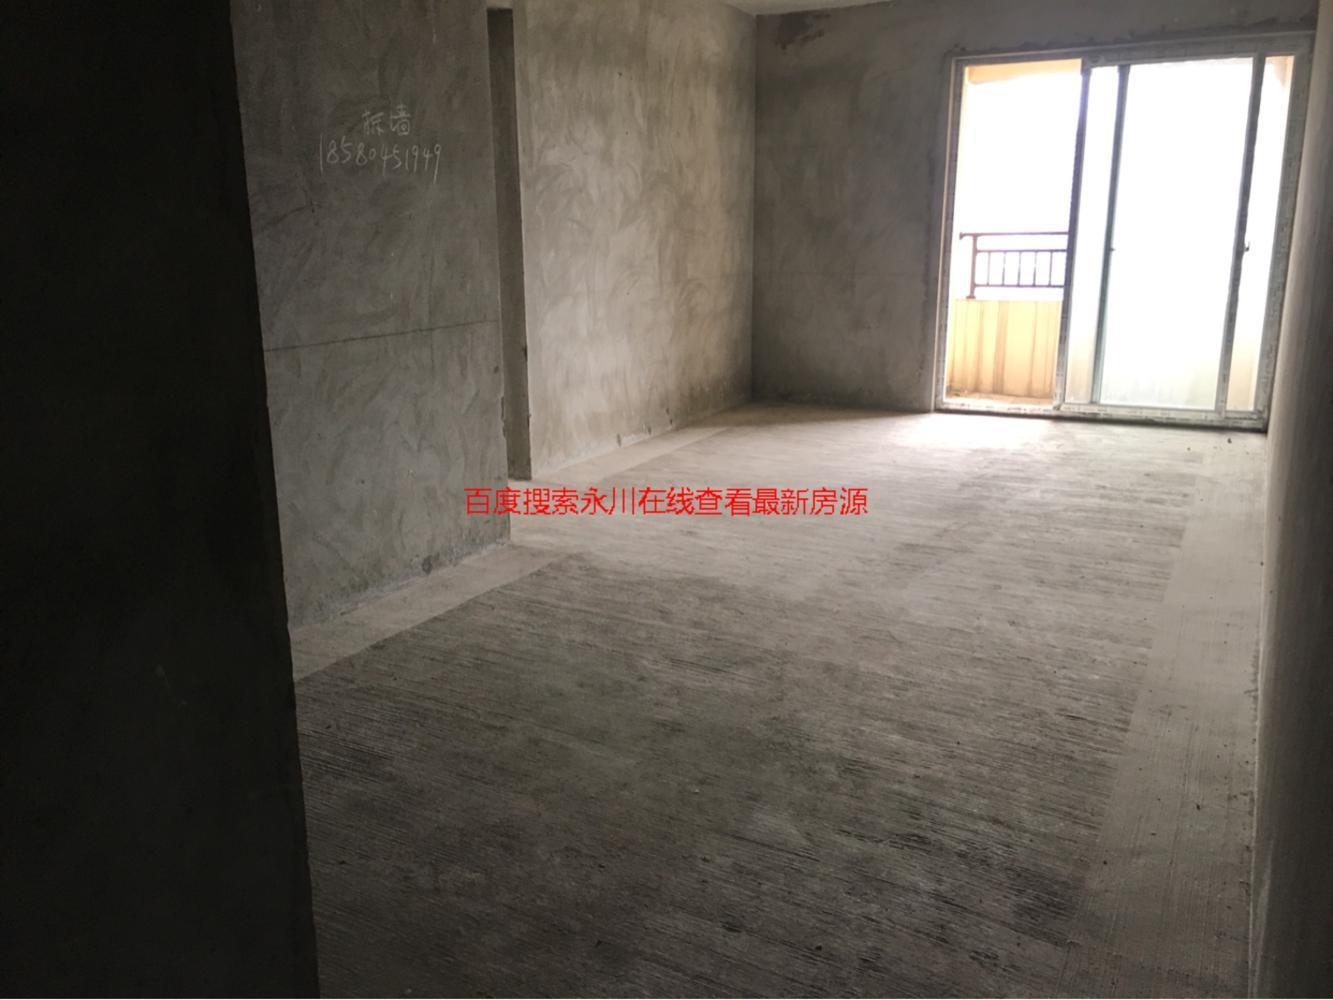 兴龙湖畔香缇时光一期清水正三房楼层居中位置安静